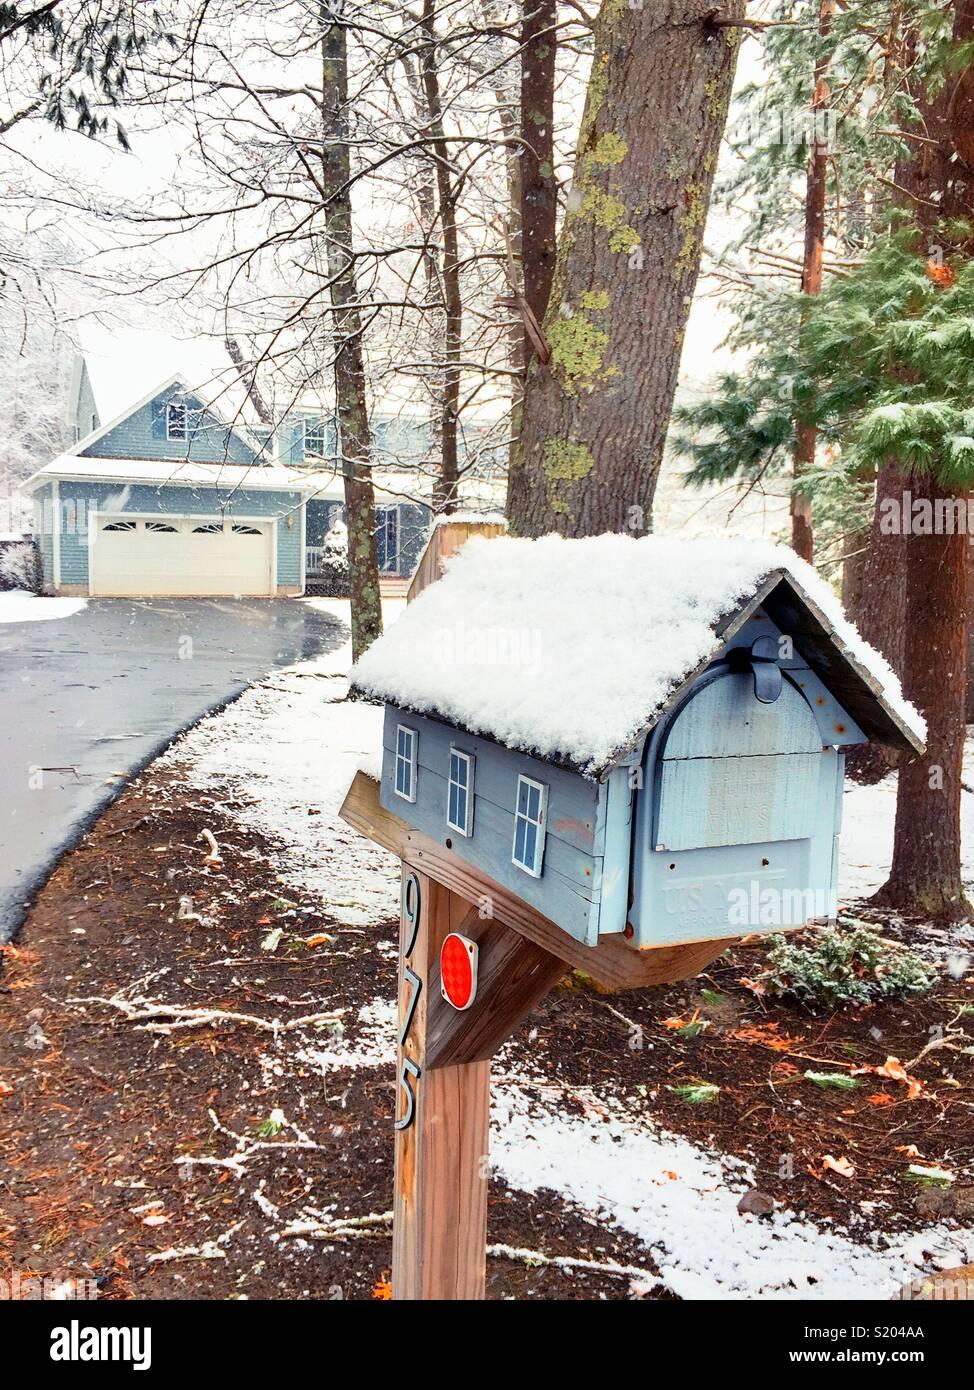 Malerische Winterlandschaft suburban Neu-england Luxury Home in der Mailbox nach dem Schneesturm, USA Stockbild